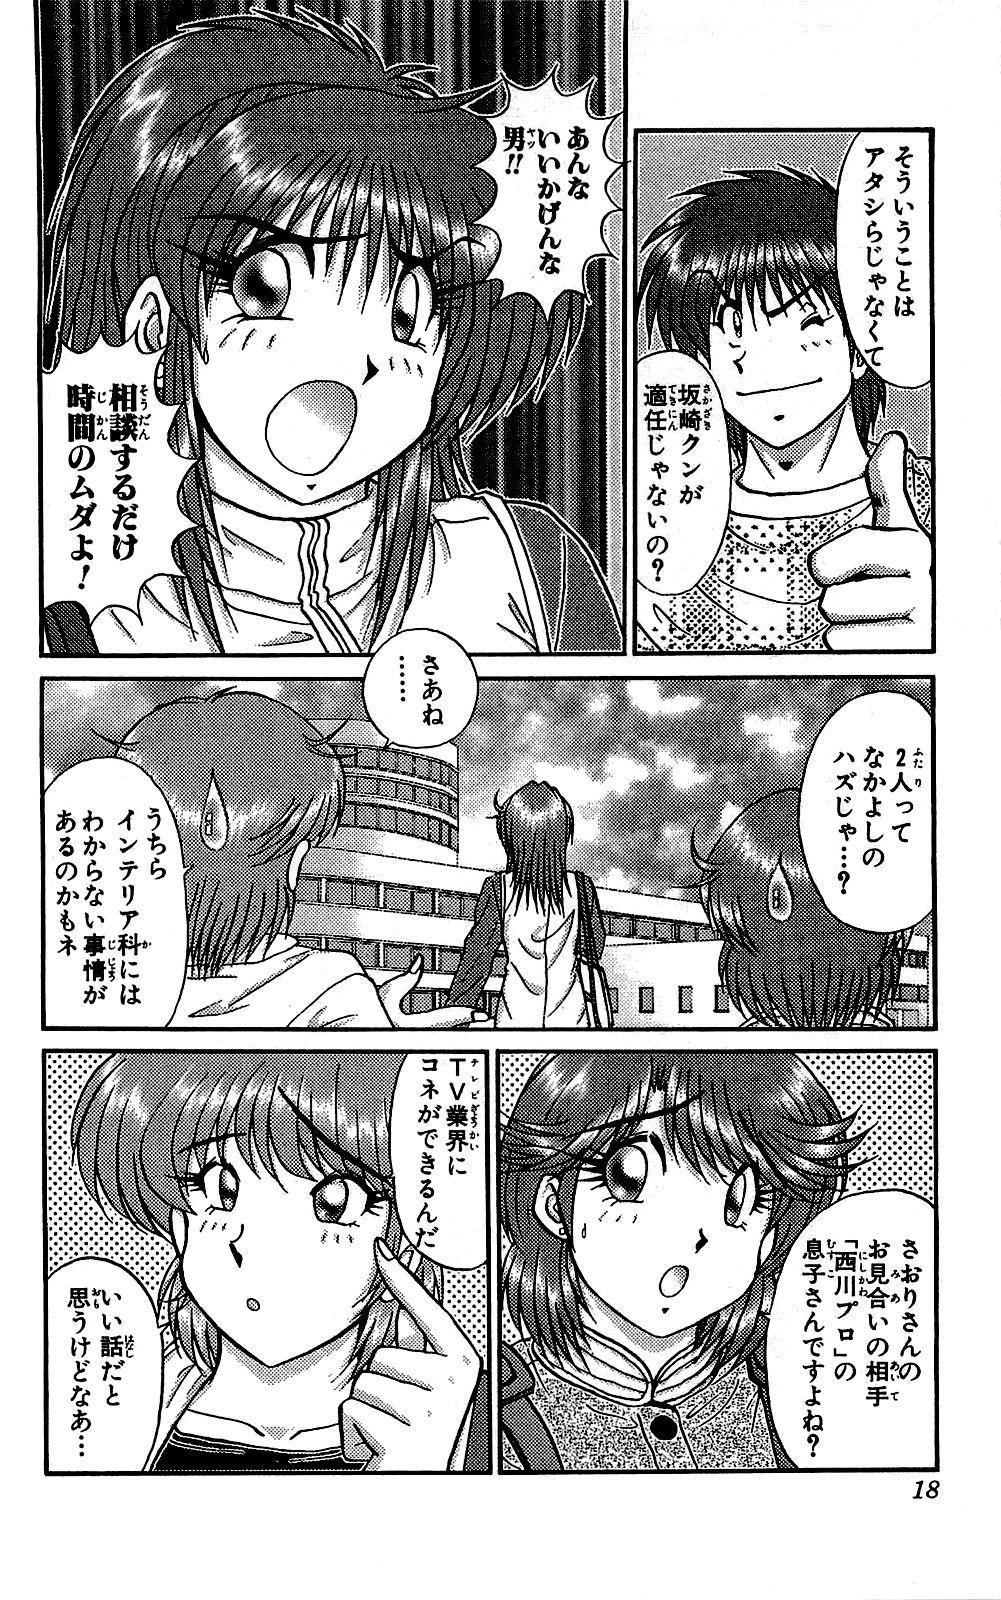 Miracle Make Yuuji 18